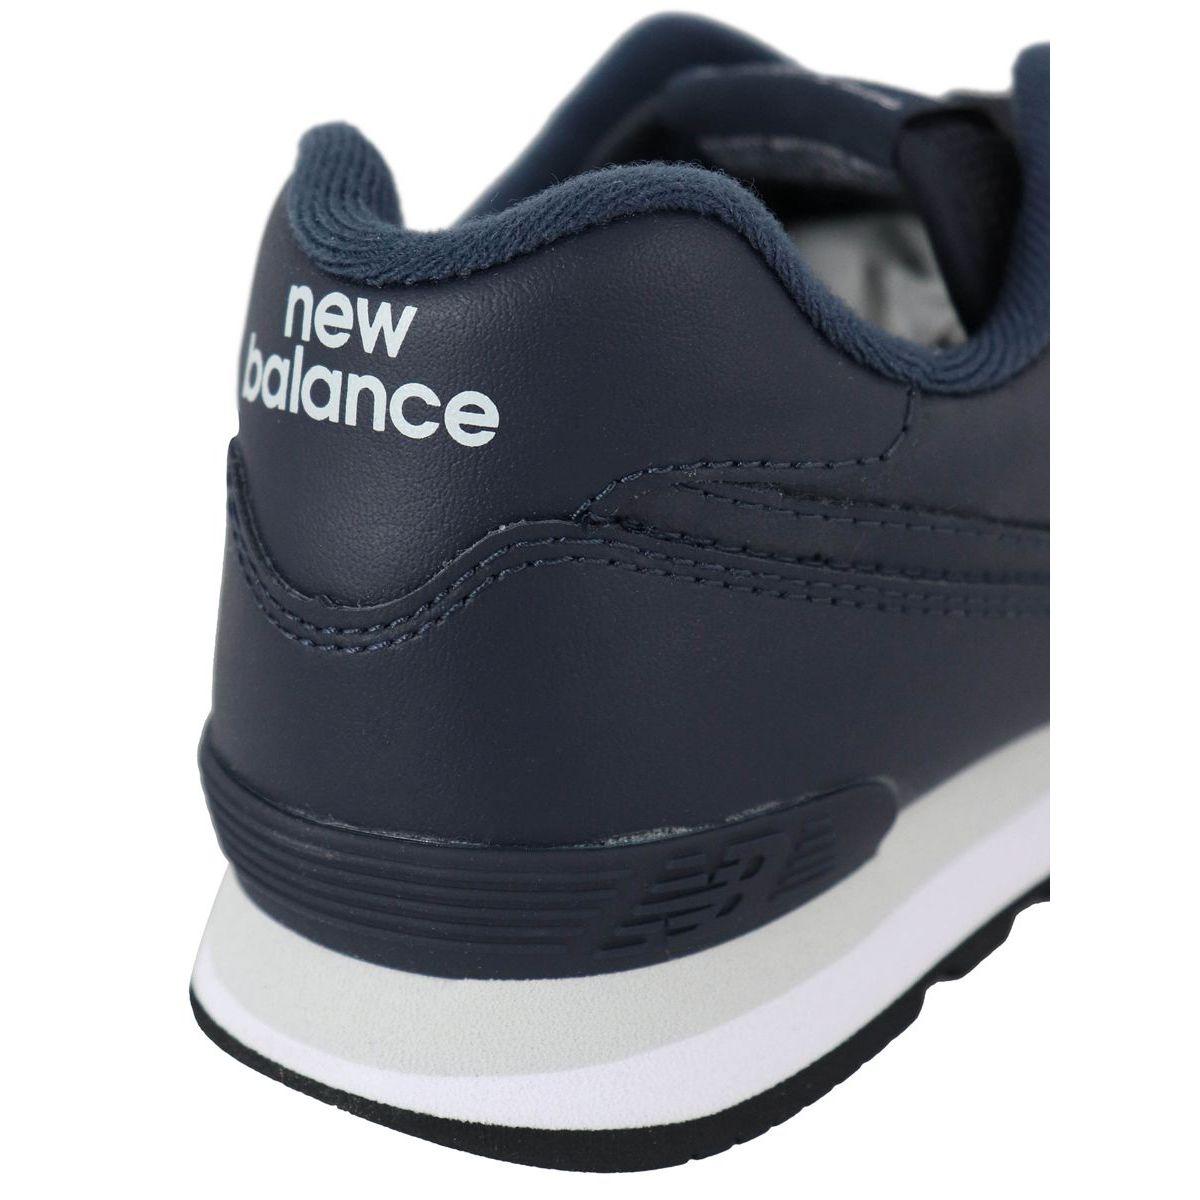 new balance bambini 34